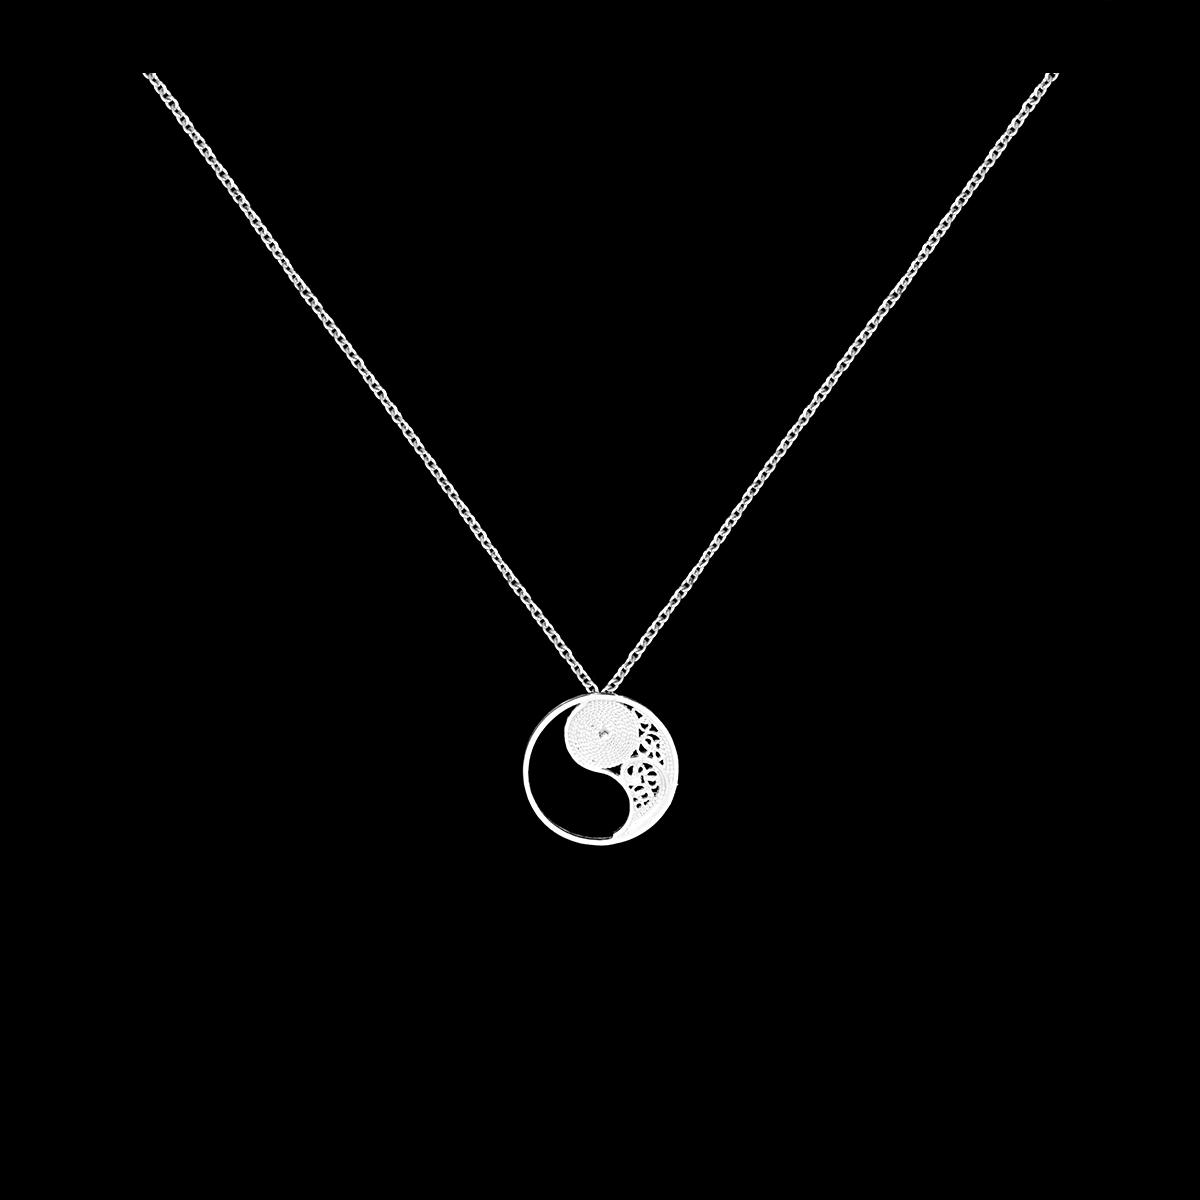 Cesar Oliveira Fotografia - Fotografo de produto, moda e publicade - Fotografia de joalharia - colar - necklace - 02.png